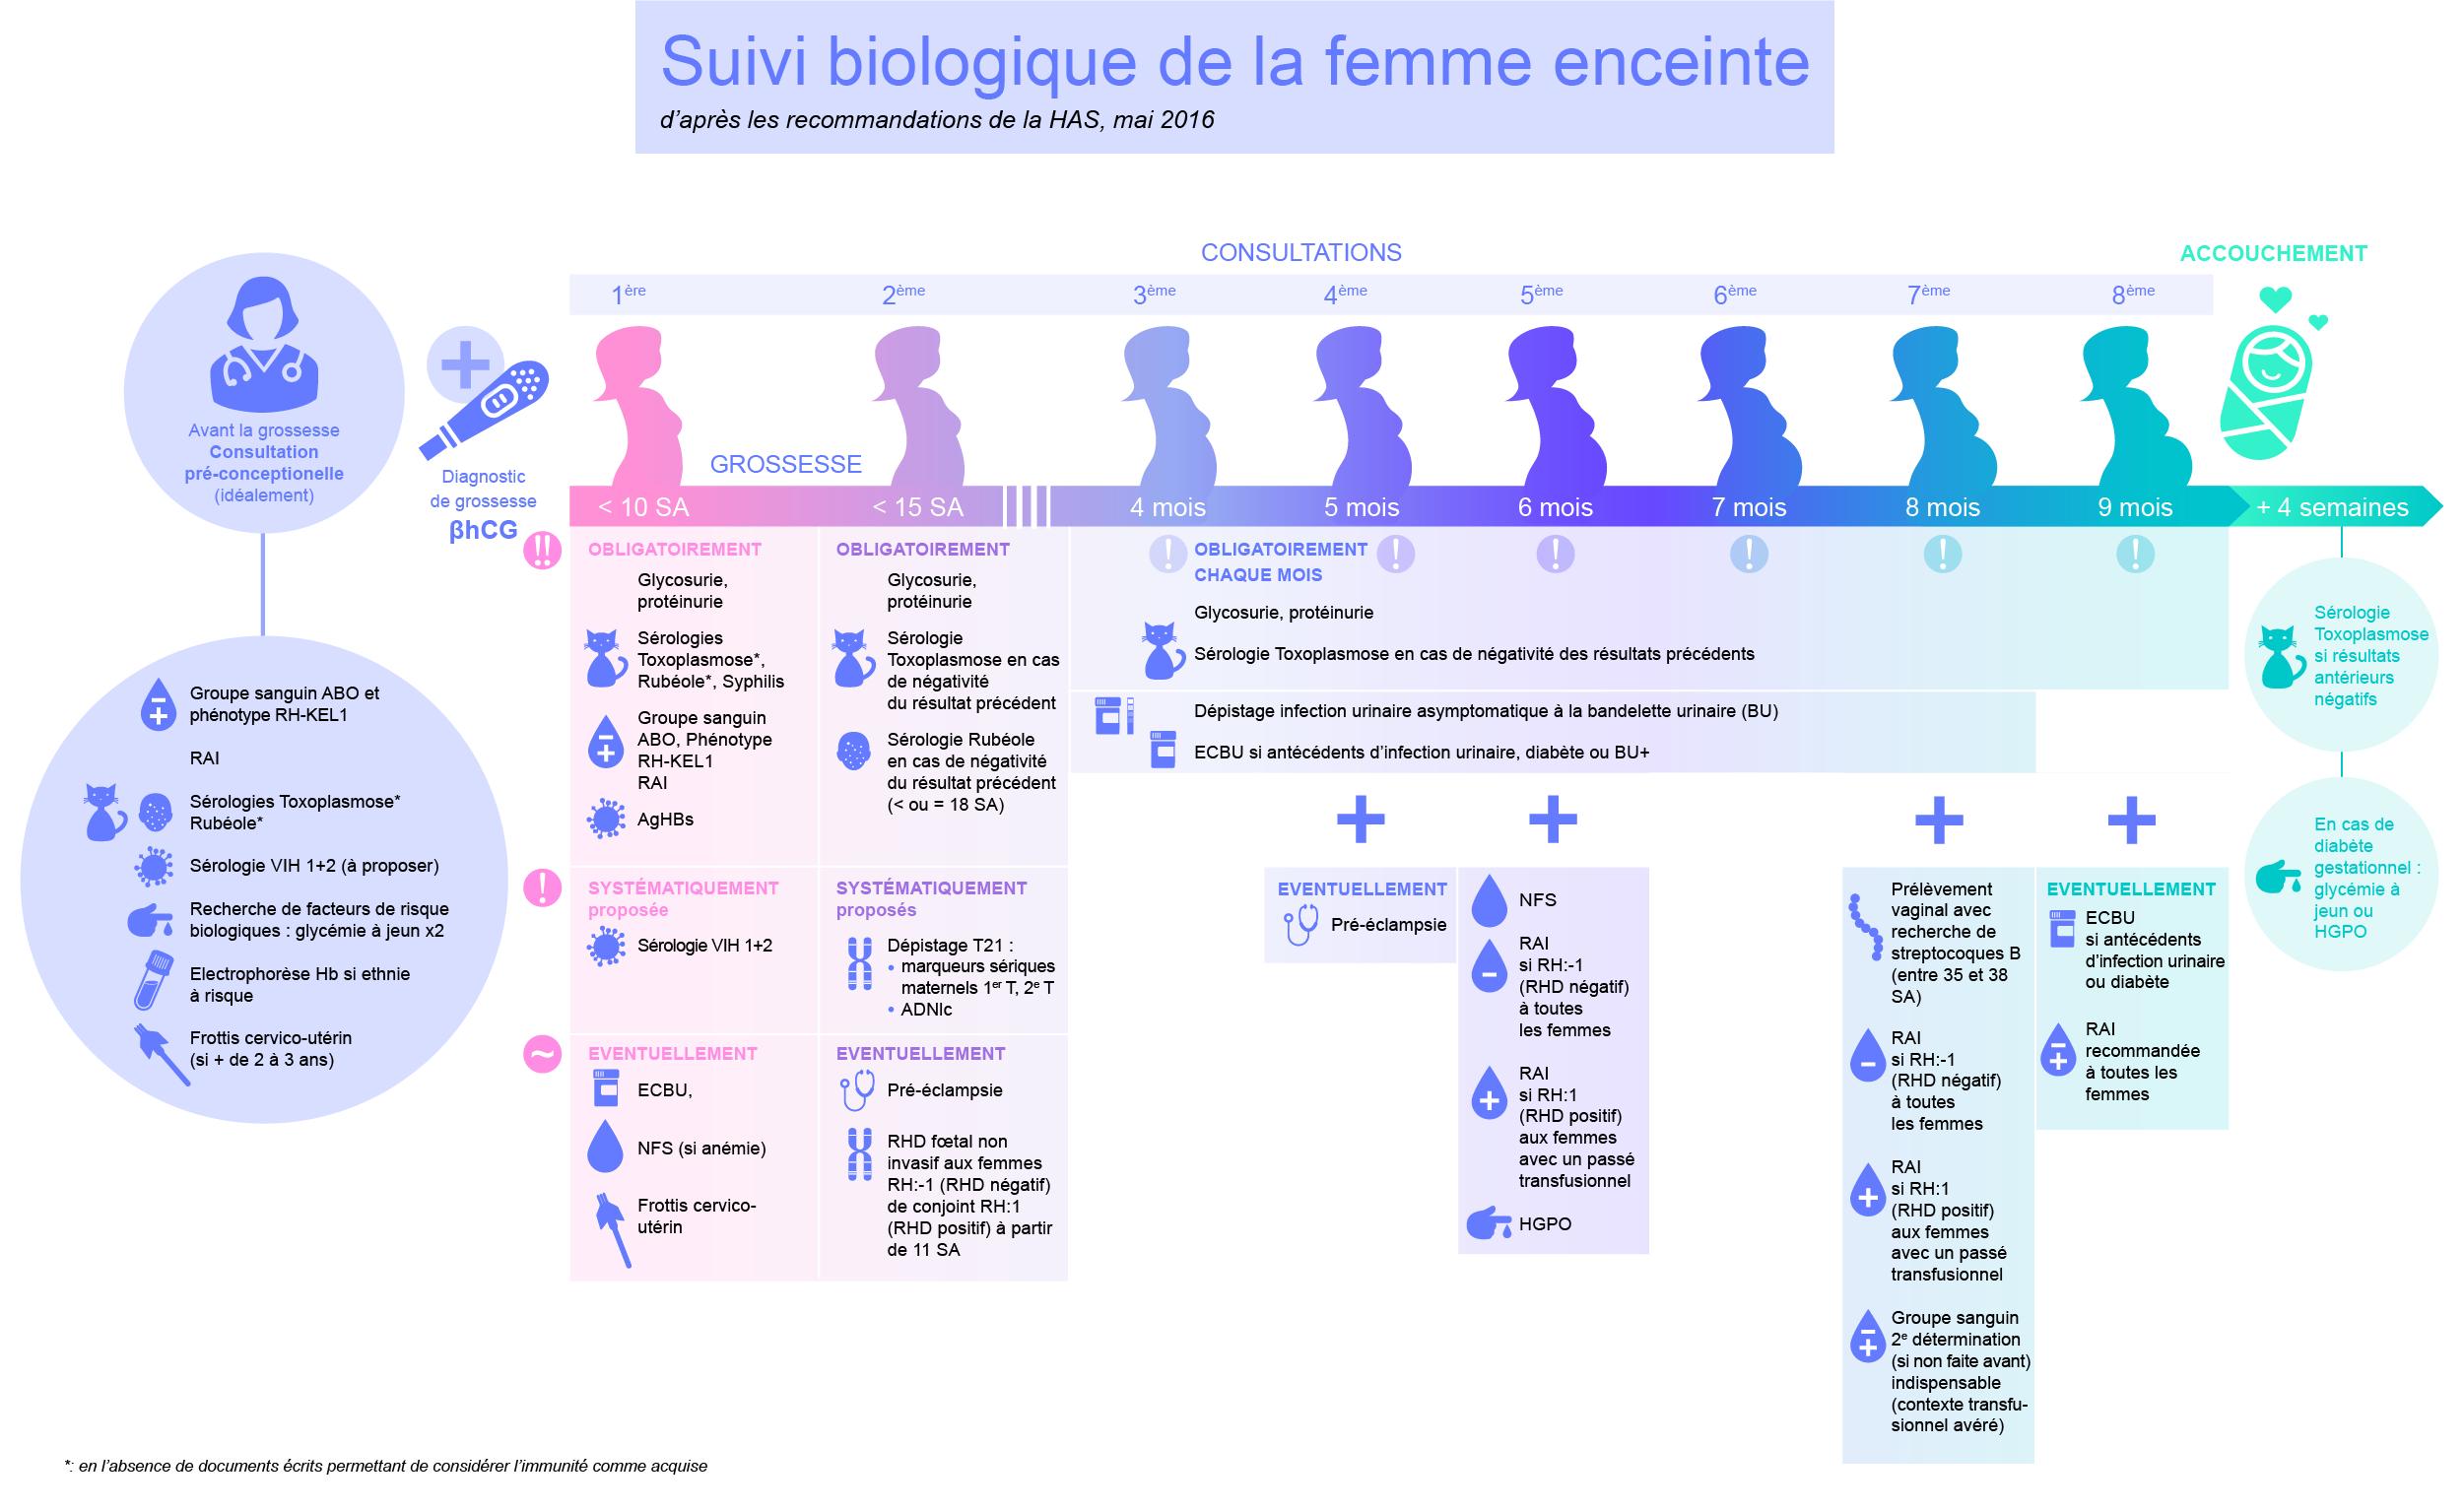 Femmes enceintes au travail : quelle règlementation applicable ?